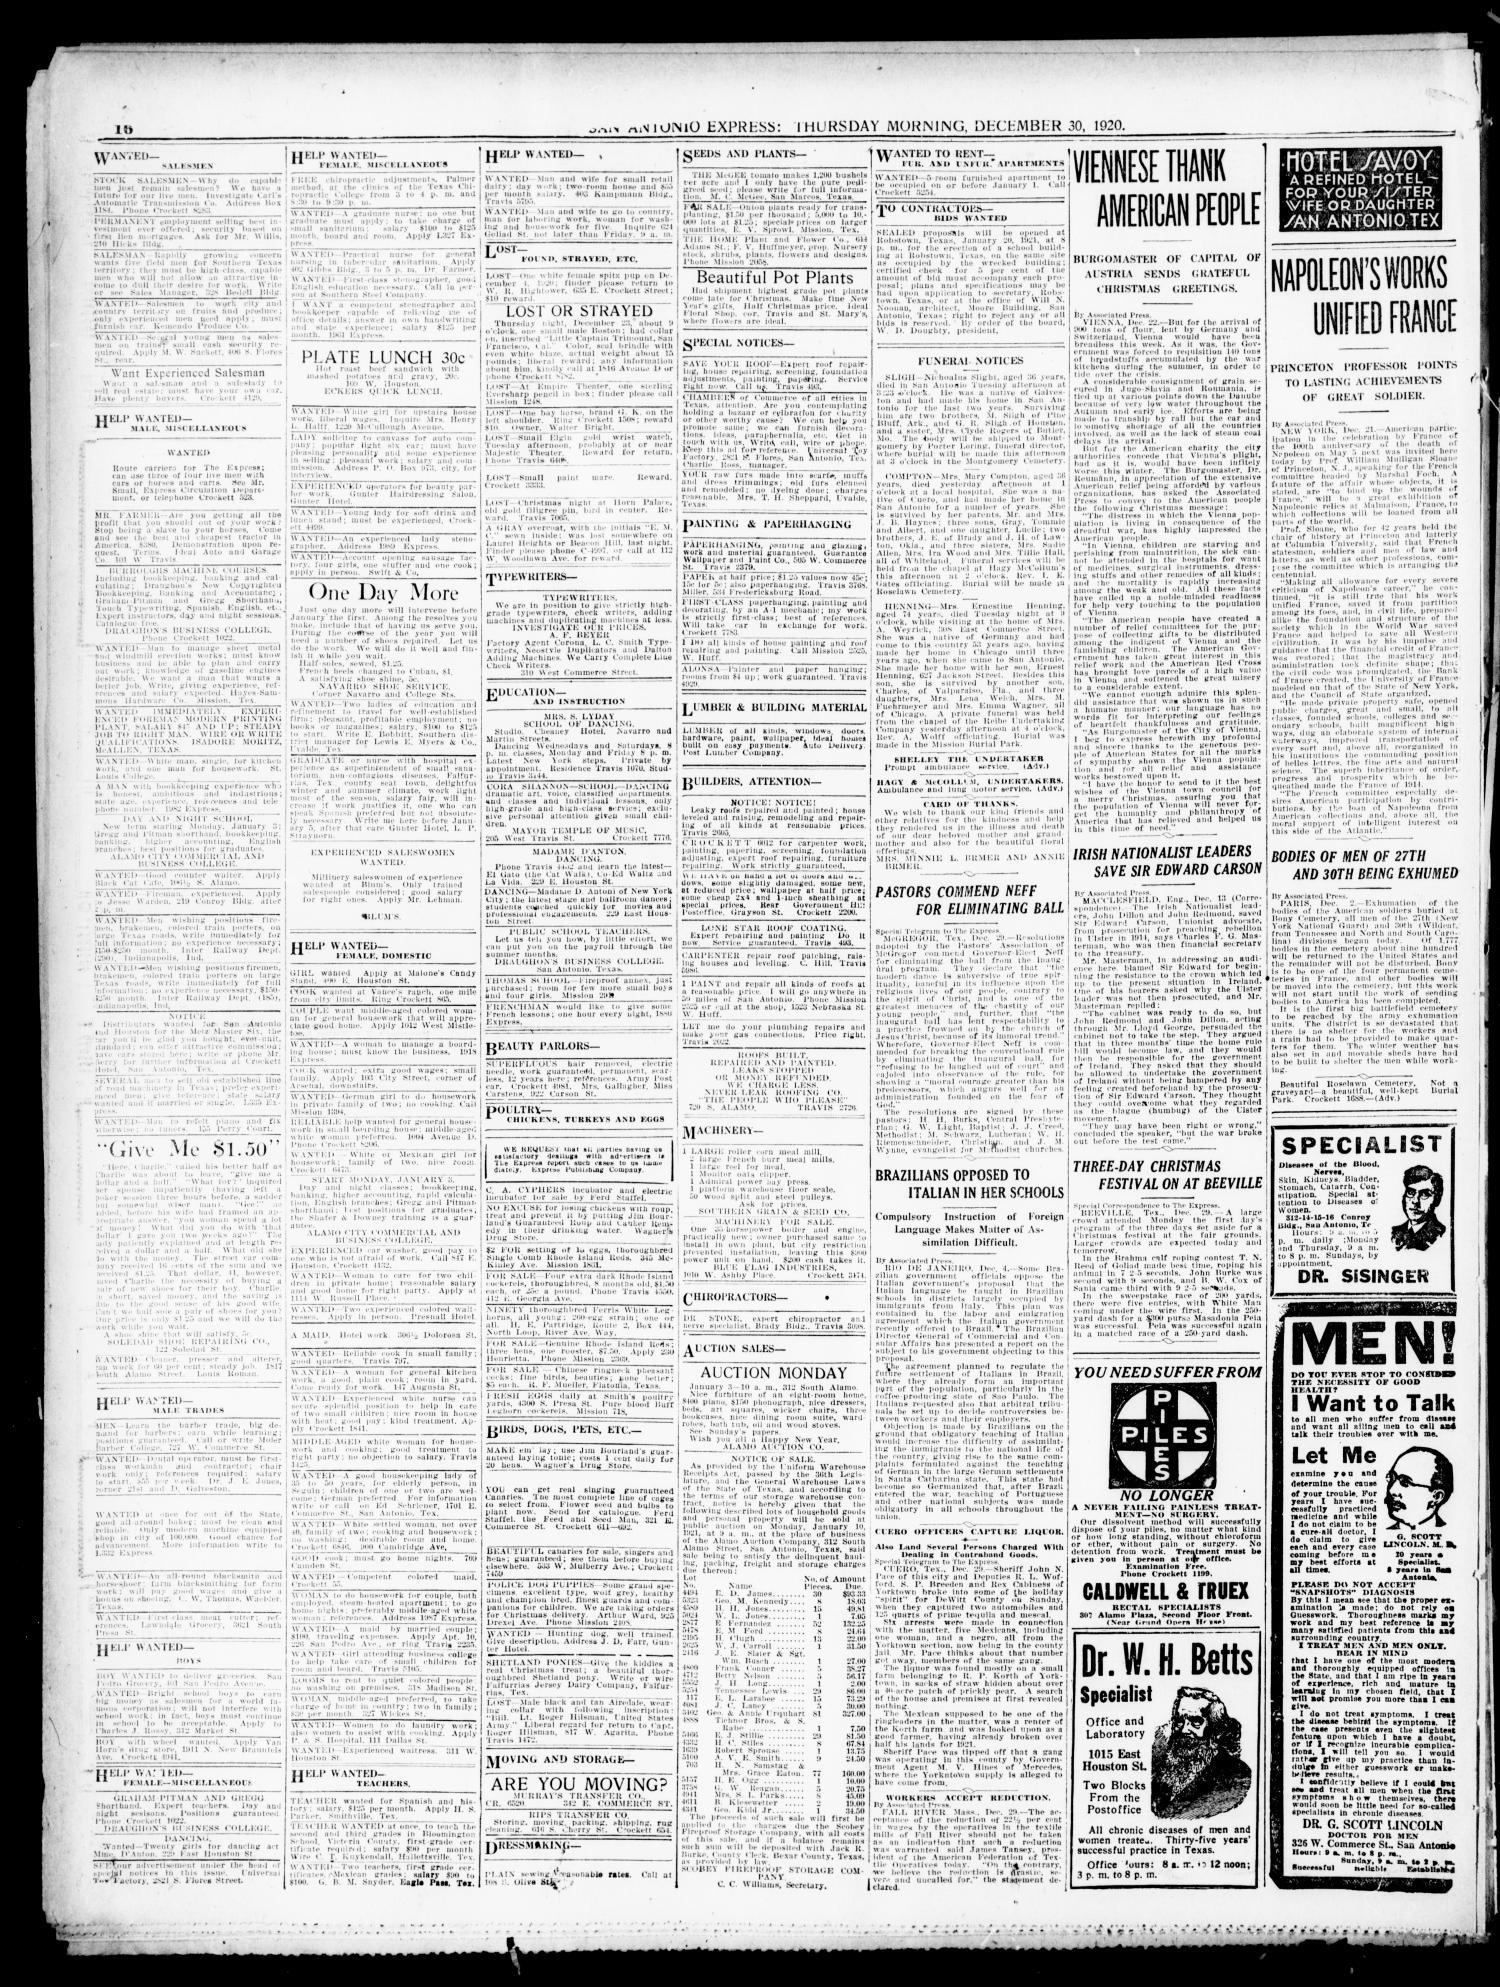 San Antonio Express  (San Antonio, Tex ), Vol  55, No  365